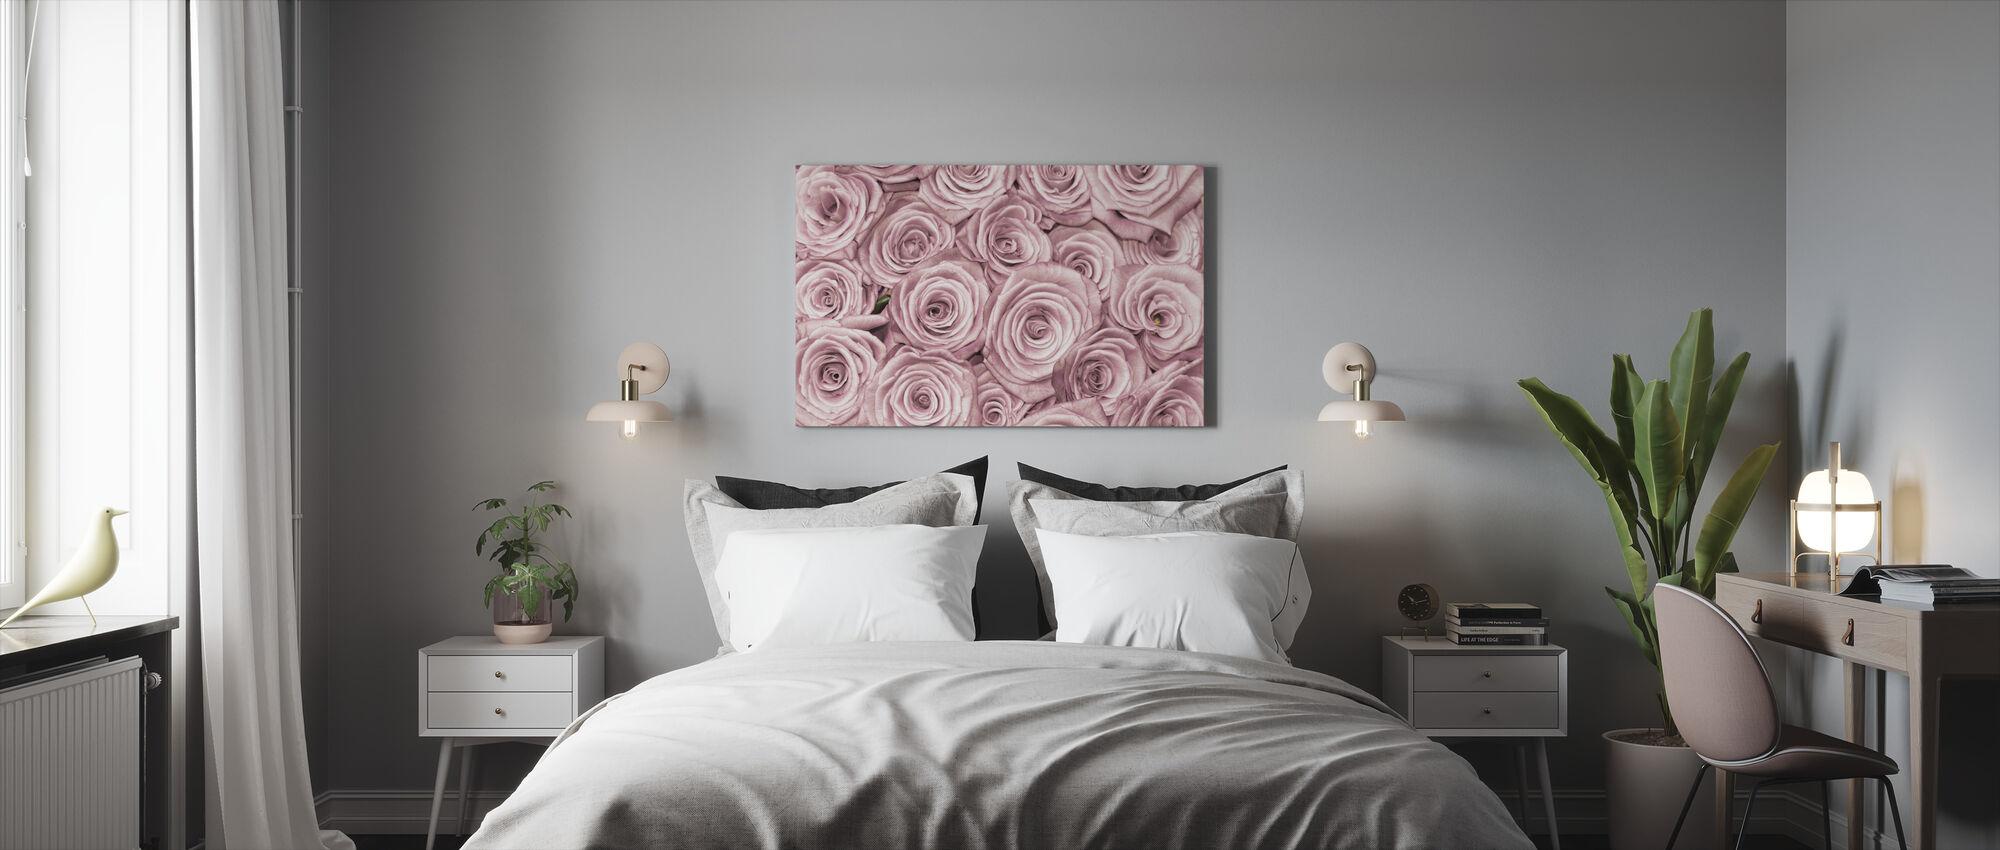 Vegg av roser - Lerretsbilde - Soverom